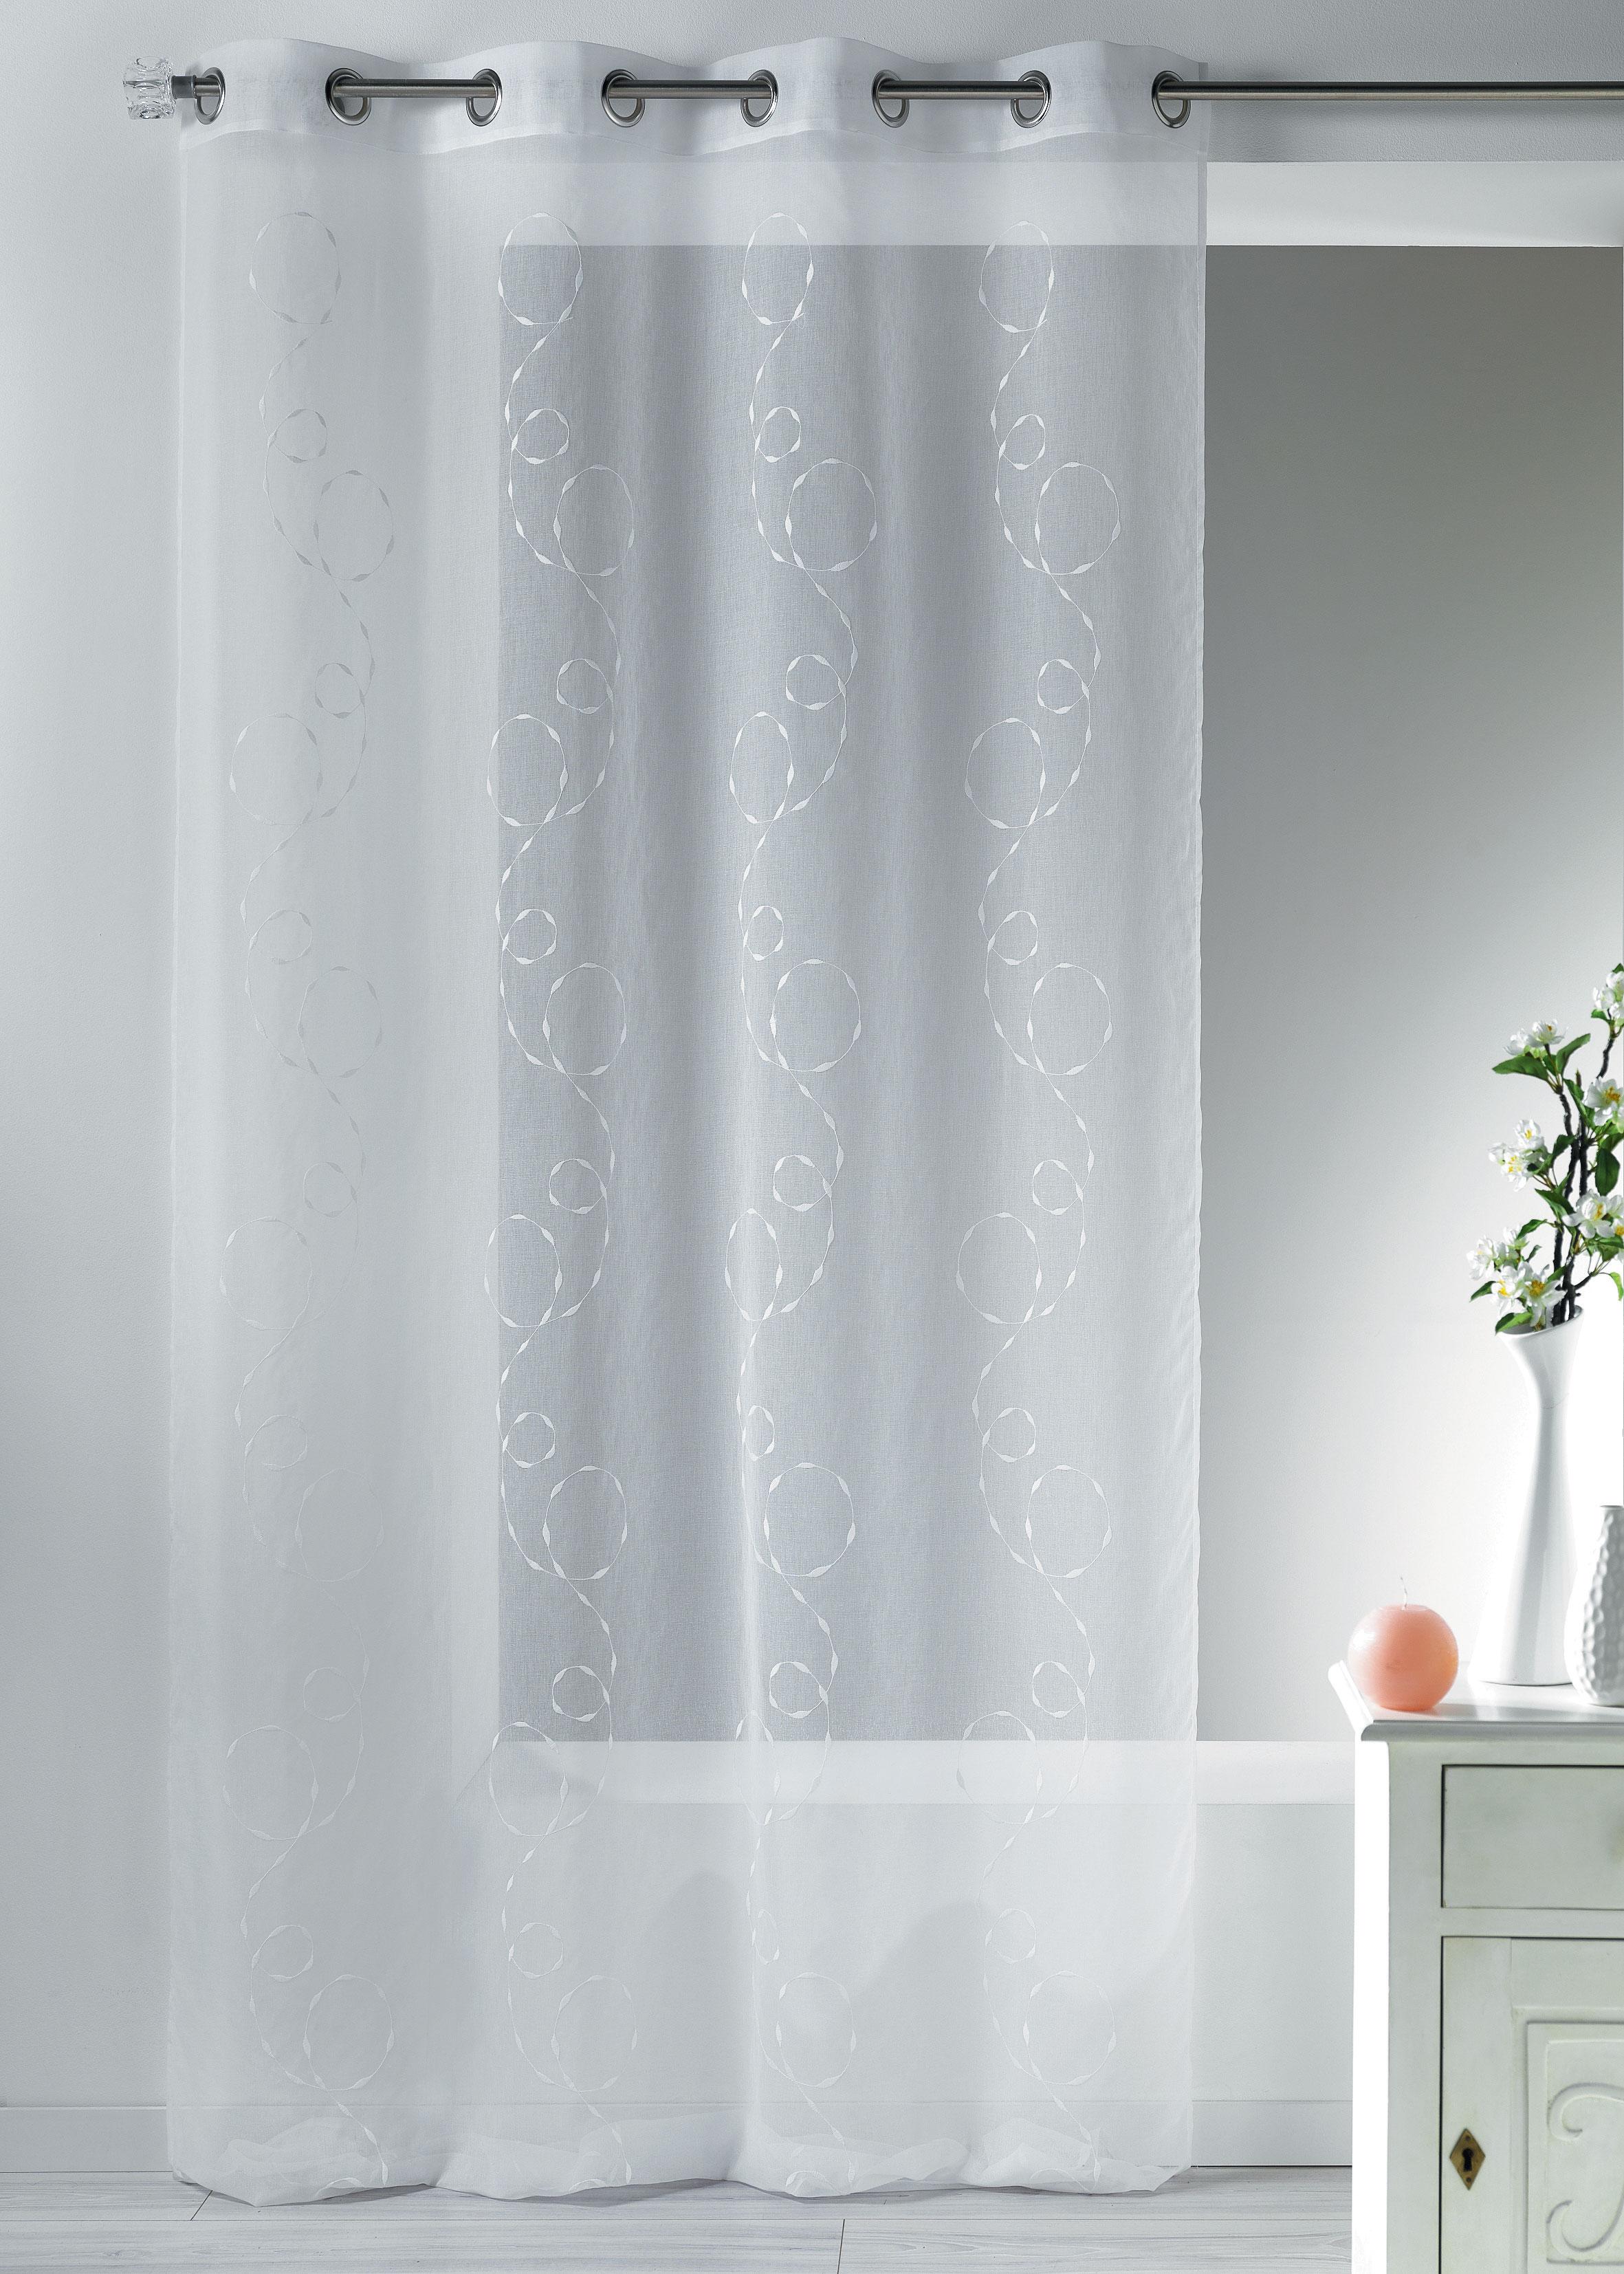 Visillo en estame a bordado fantas a blanco gris for Cortina visillo blanco